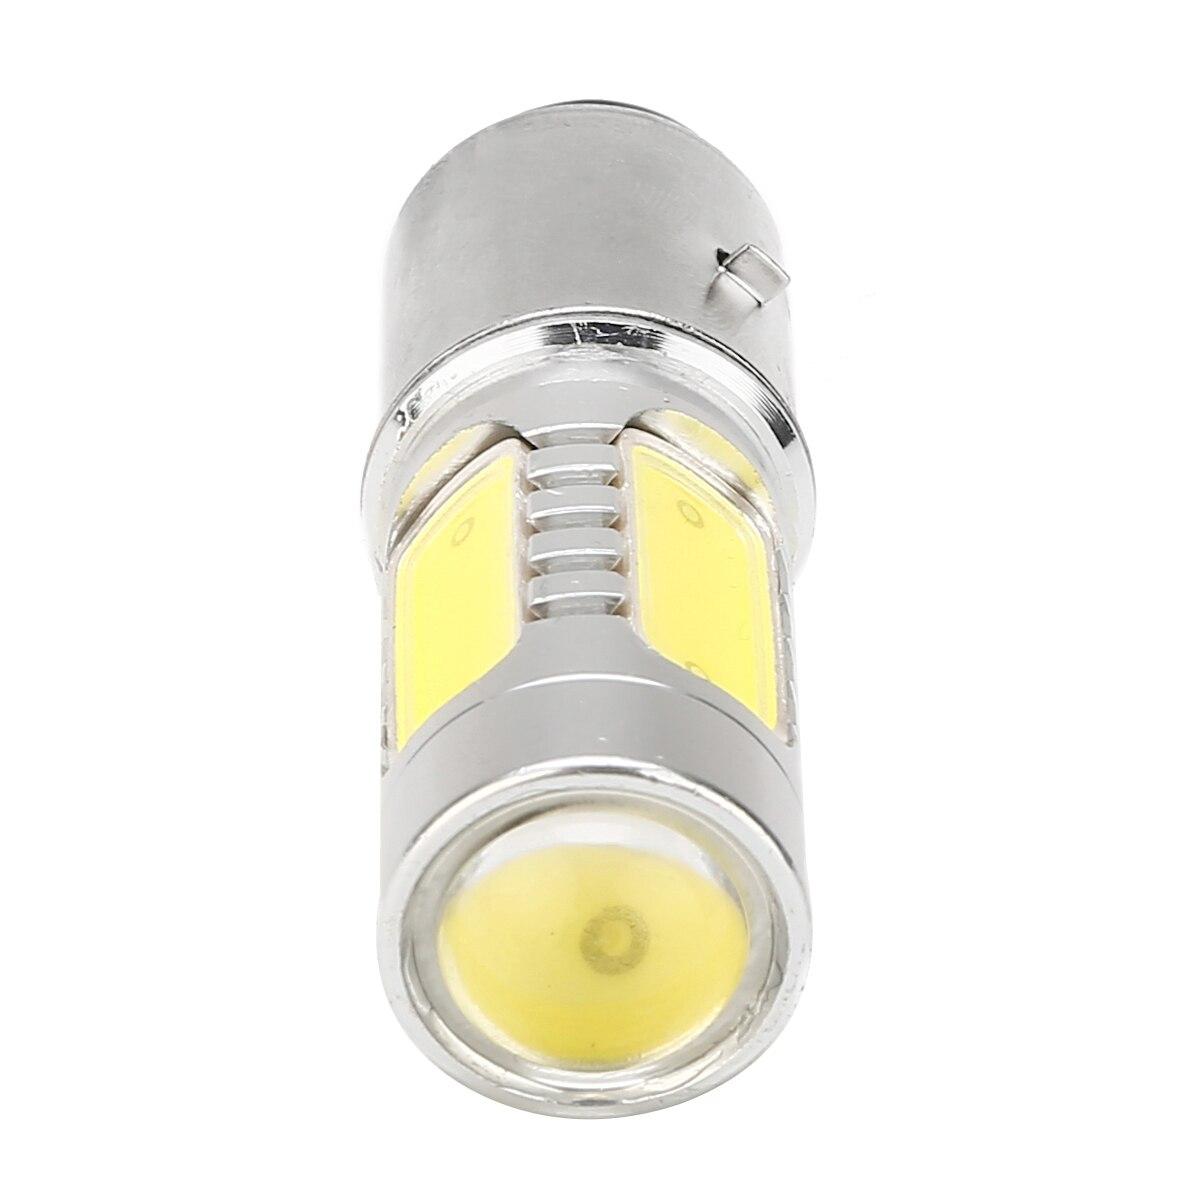 Image 3 - Mayitr 1 шт. BA20D H6 4 COB Светодиодный фонарь для мотоцикла алюминиевый белый Головной фонарь 7,5 Вт лампа для мопеда скутера ATV внедорожный